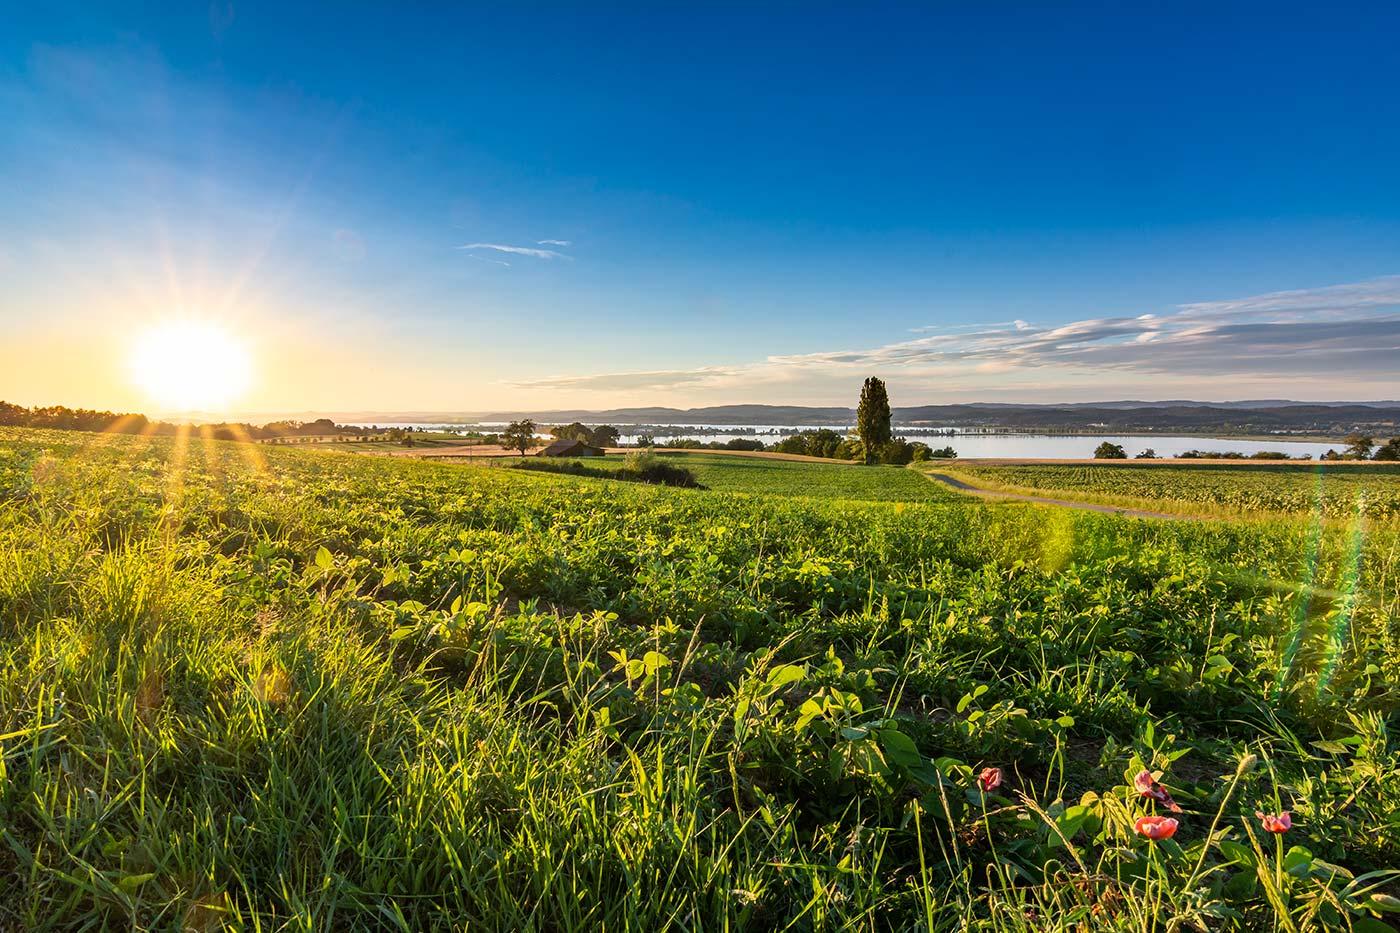 In den Hügeln über Tägerwilen liegt einer der besten Aussichtspunkte mit Blick über den Untersee des Bodensees und die Insel Reichenau